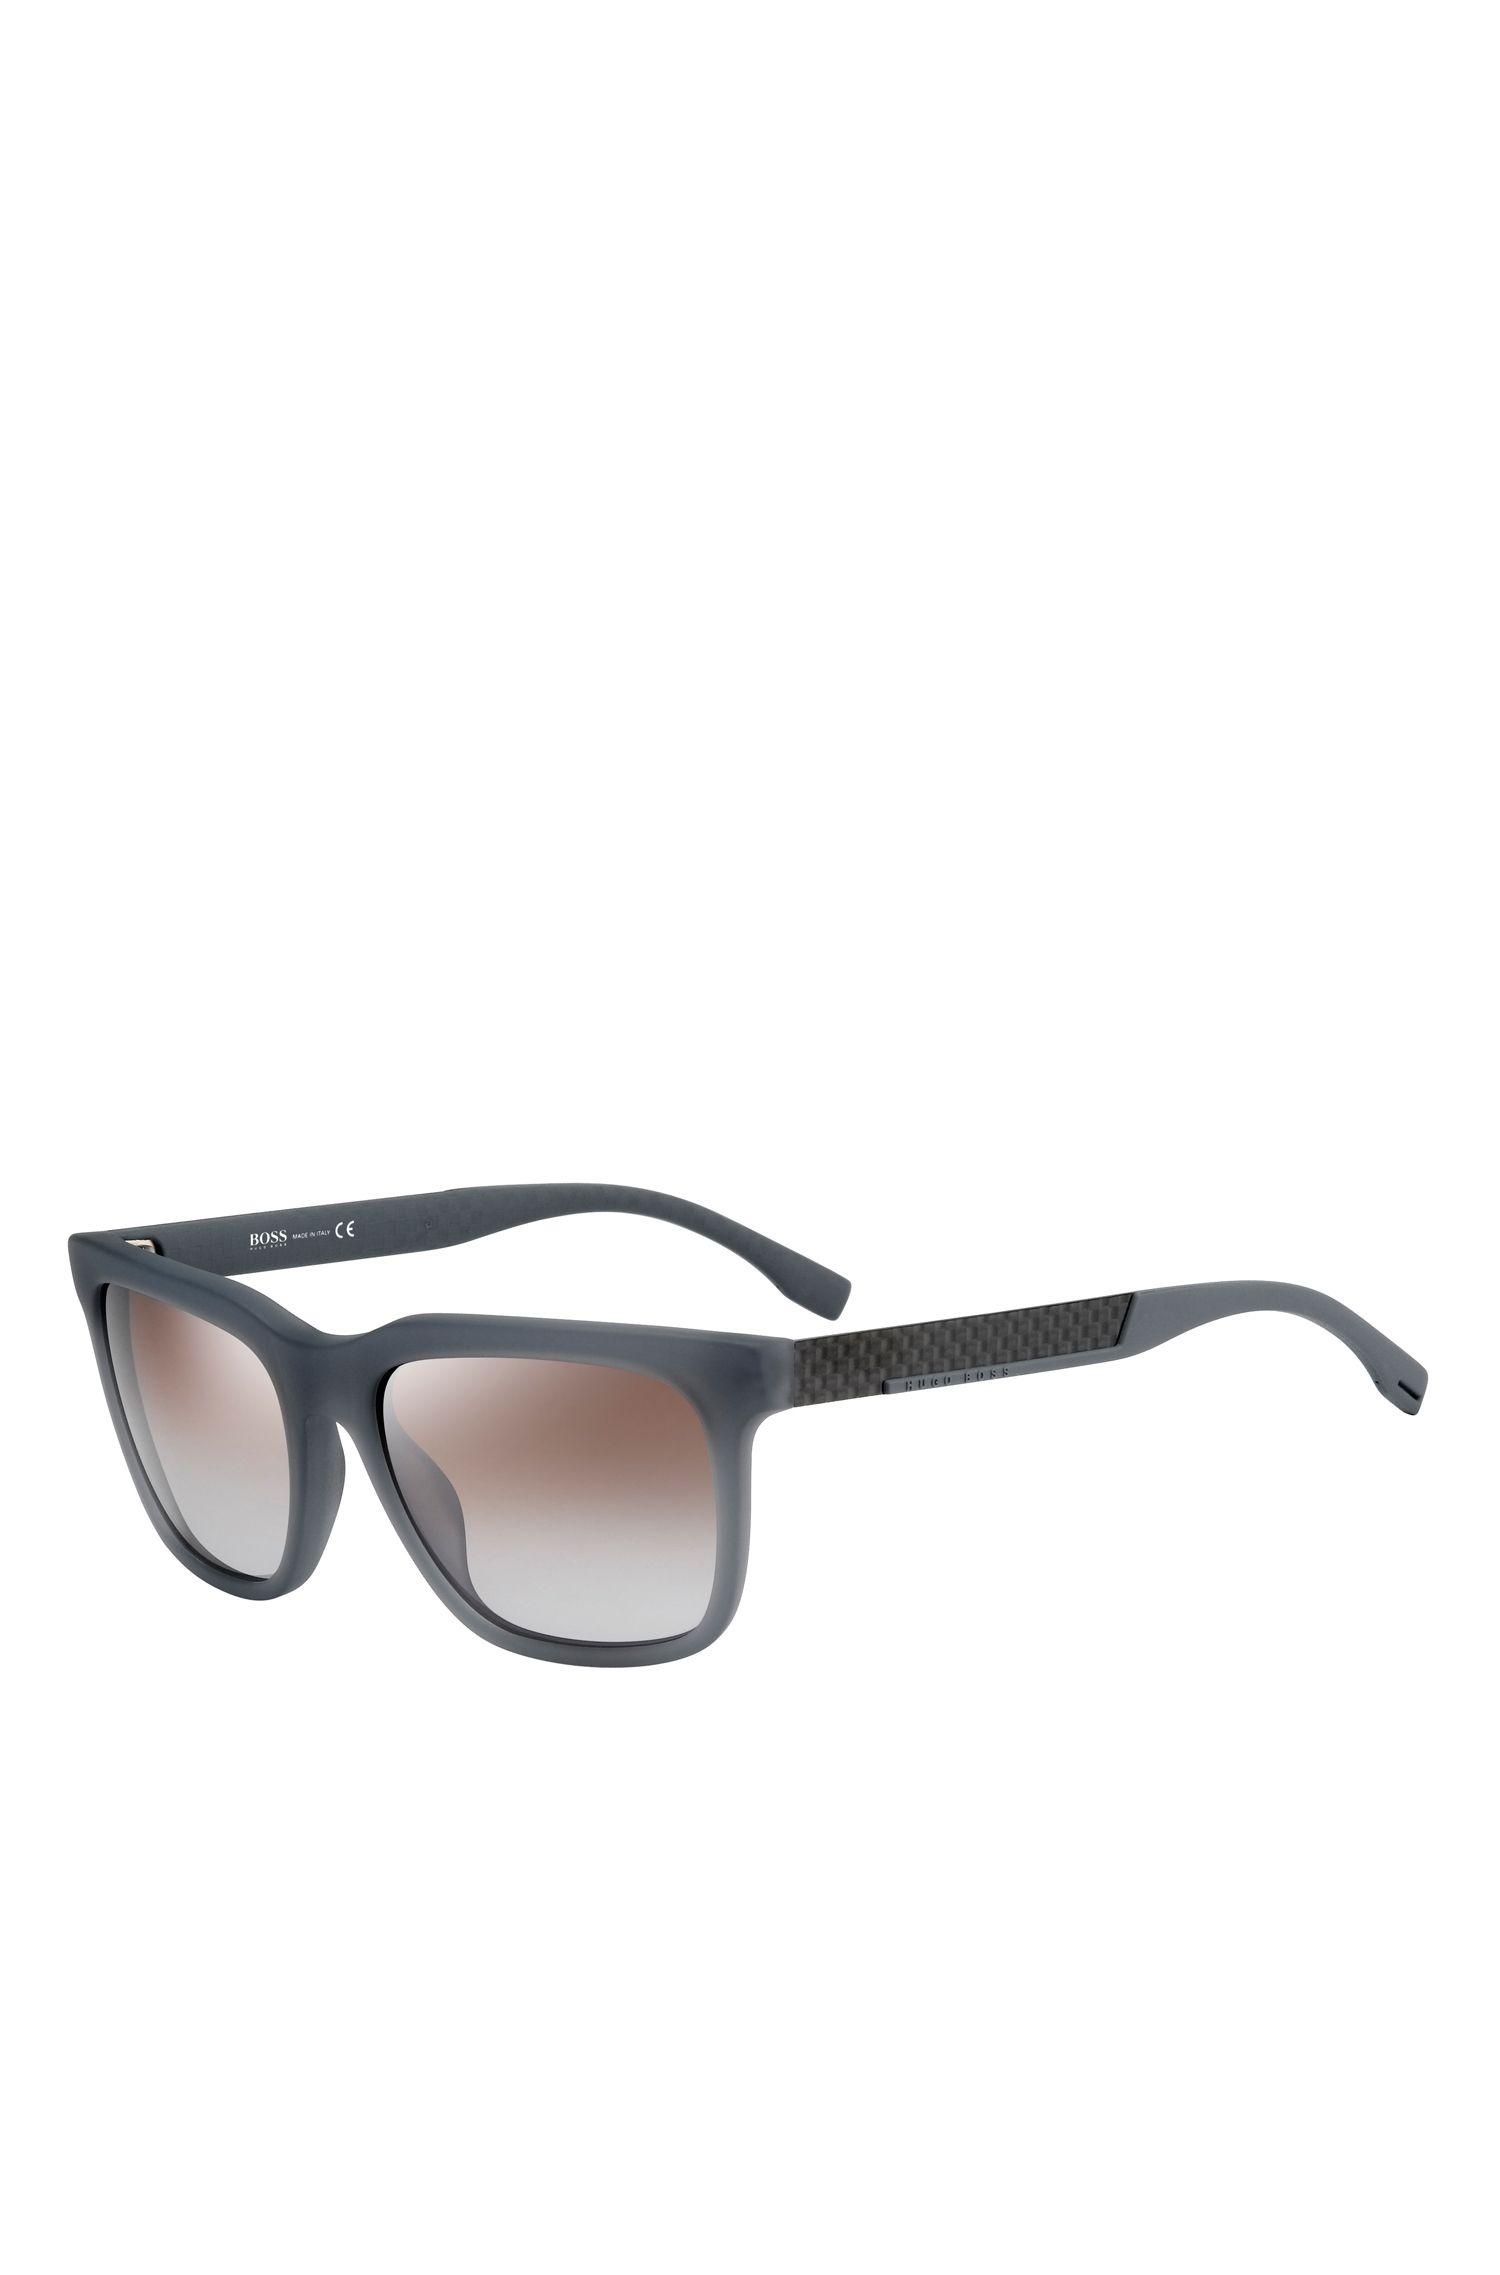 'BOSS 0670S'   Gradient Lens Rectangular Sunglasses